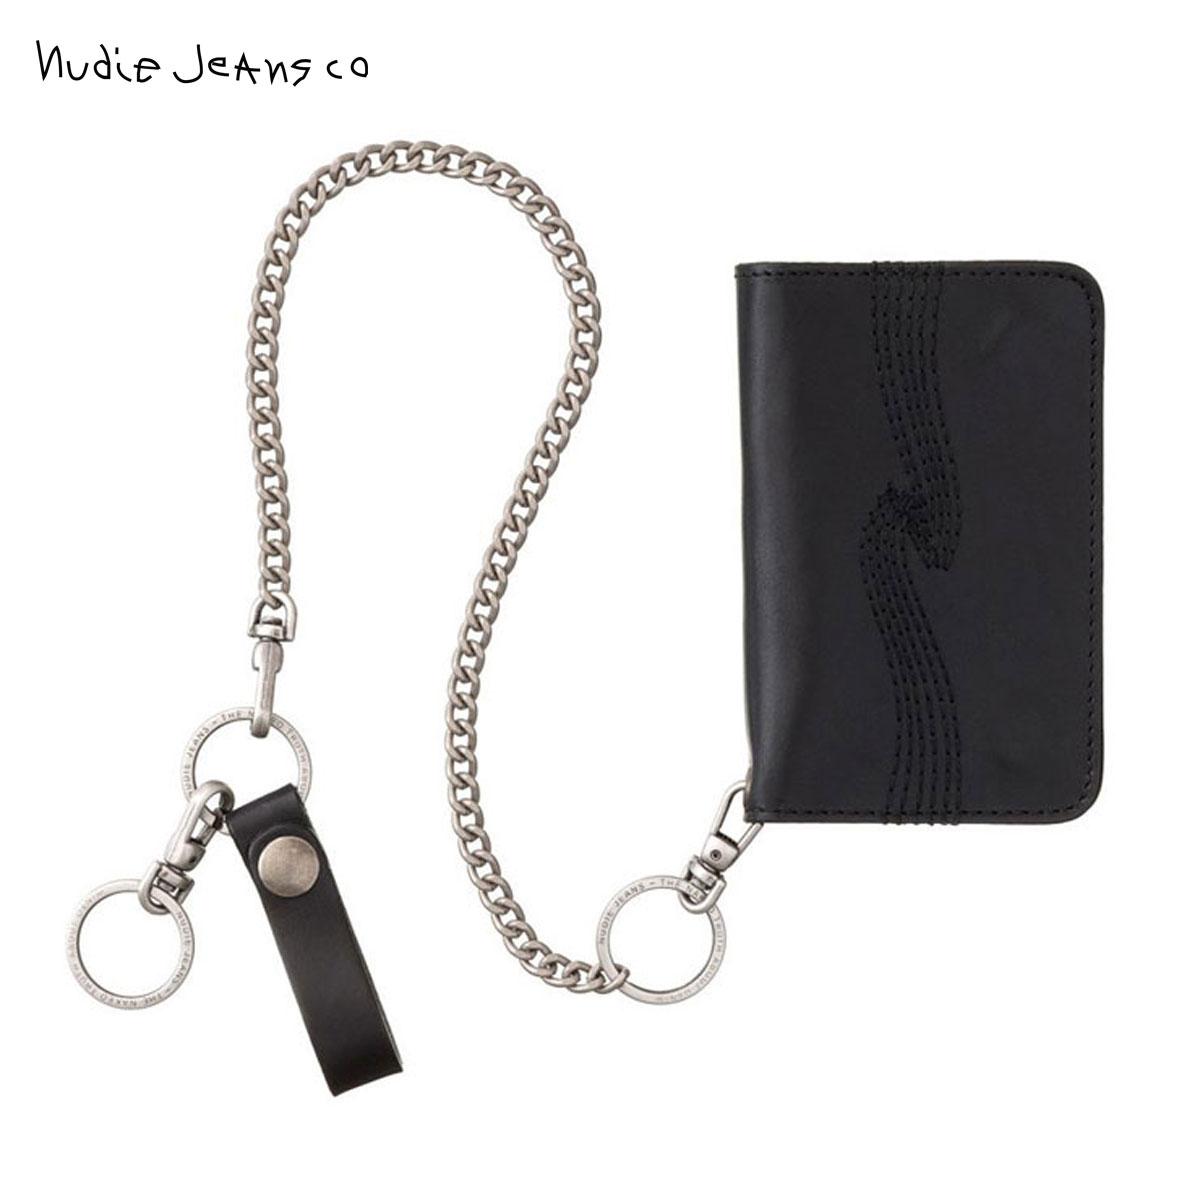 ヌーディージーンズ Nudie Jeans 正規販売店 メンズ 財布 ALFREDSSON CHAIN WALLET BLACK B01 180647 D00S20 父の日